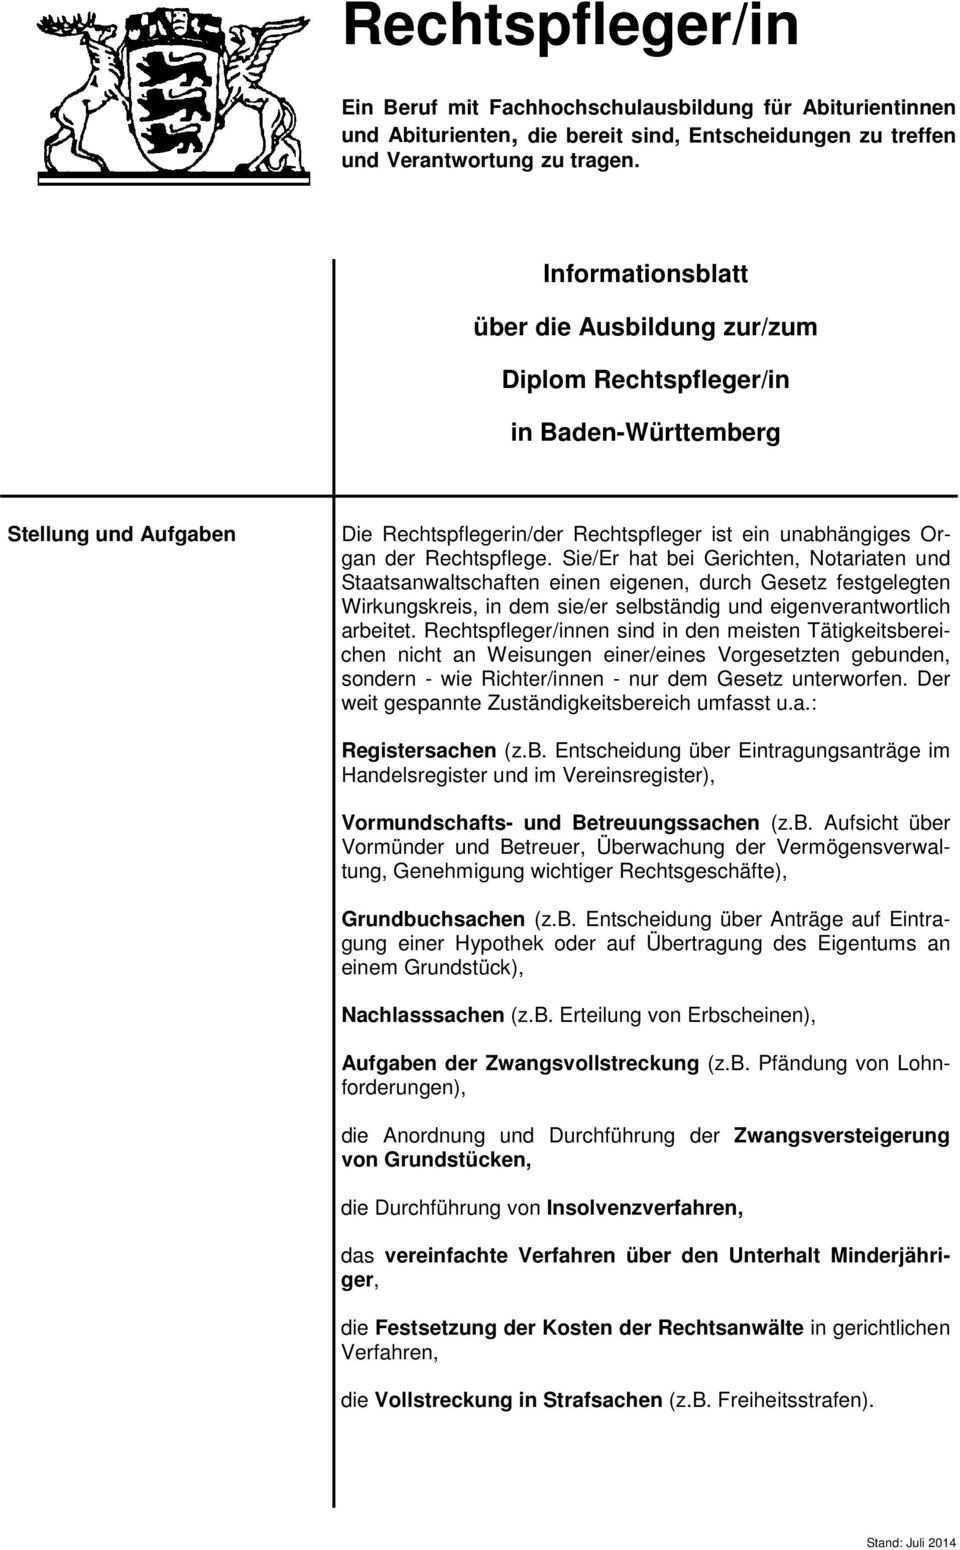 Rechtspfleger In Informationsblatt Uber Die Ausbildung Zur Zum Diplom Rechtspfleger In In Baden Wurttemberg Pdf Free Download